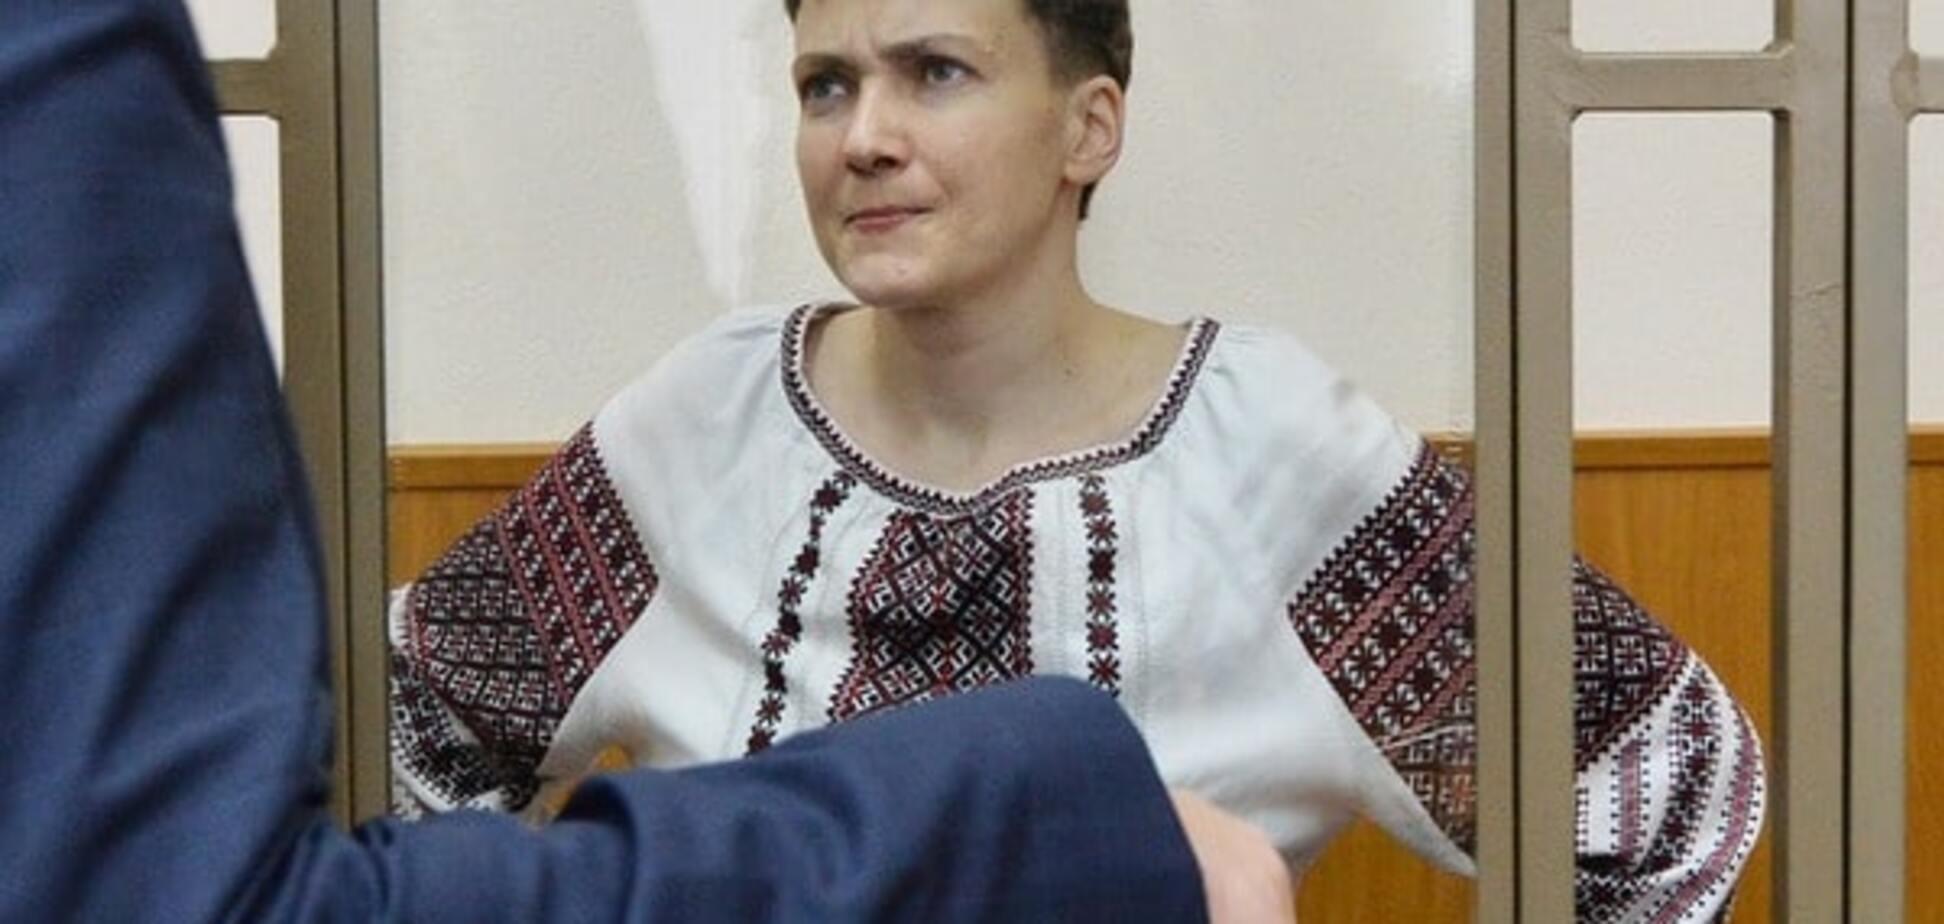 Савченко відмовилася від госпіталізації, незважаючи на смертельну небезпеку - адвокат